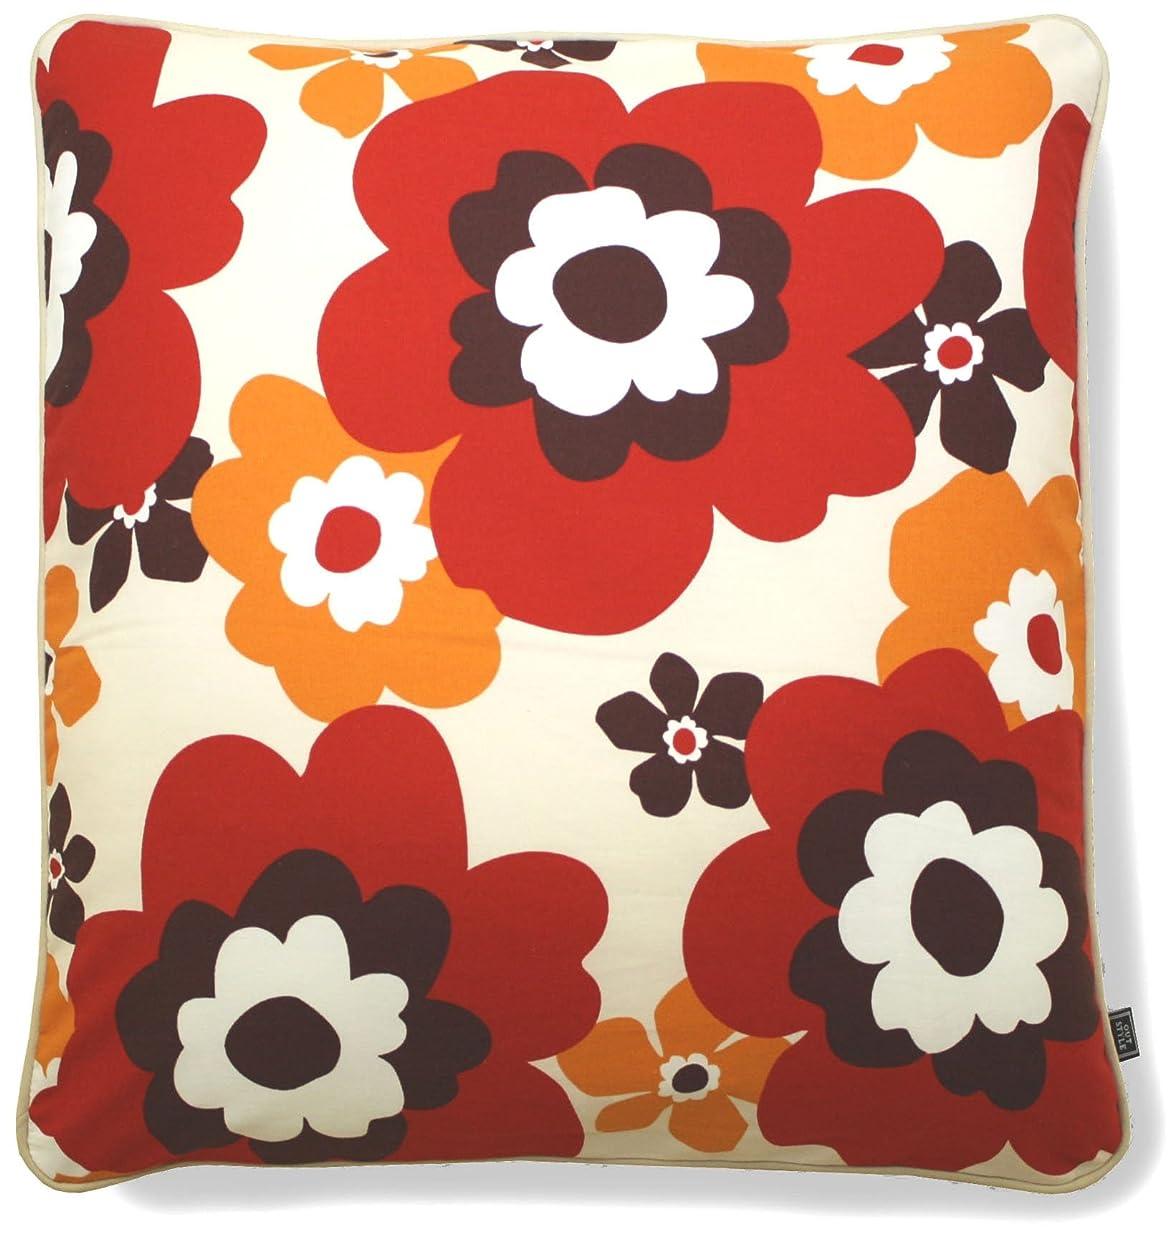 アウトスタイル 座布団カバー 55x59cm 綿プリント 北欧 花柄 レッド